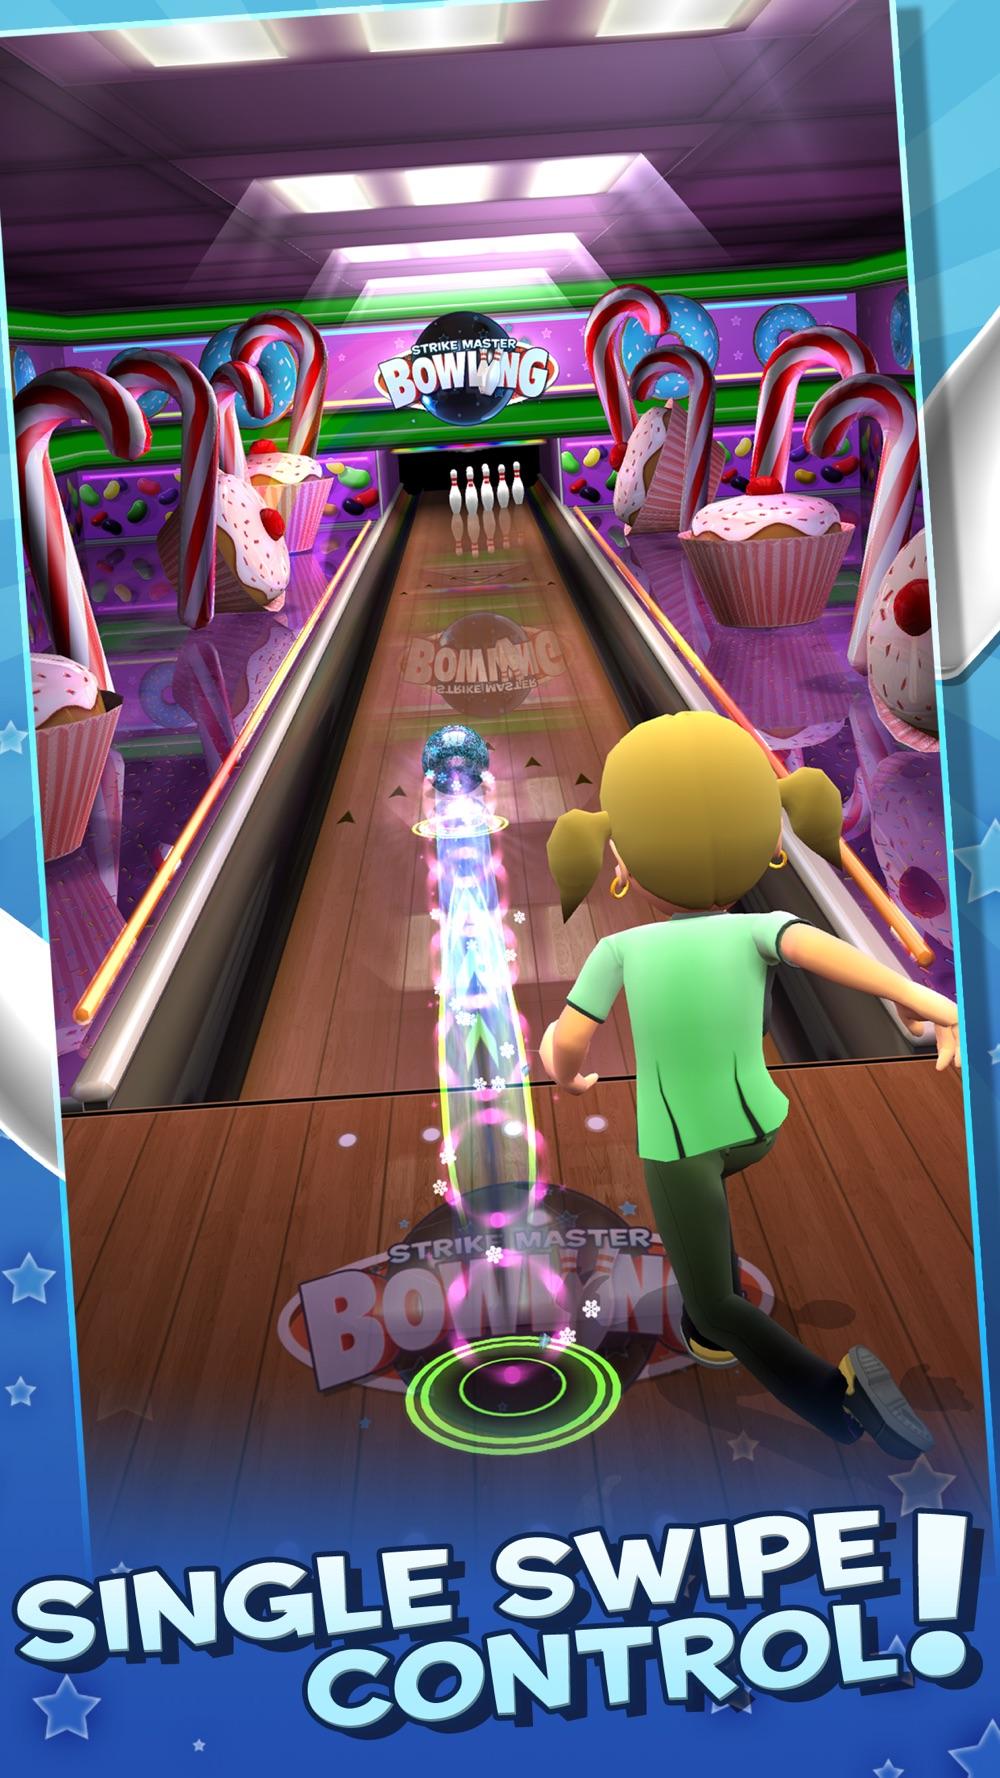 StrikeMaster Bowling hack tool